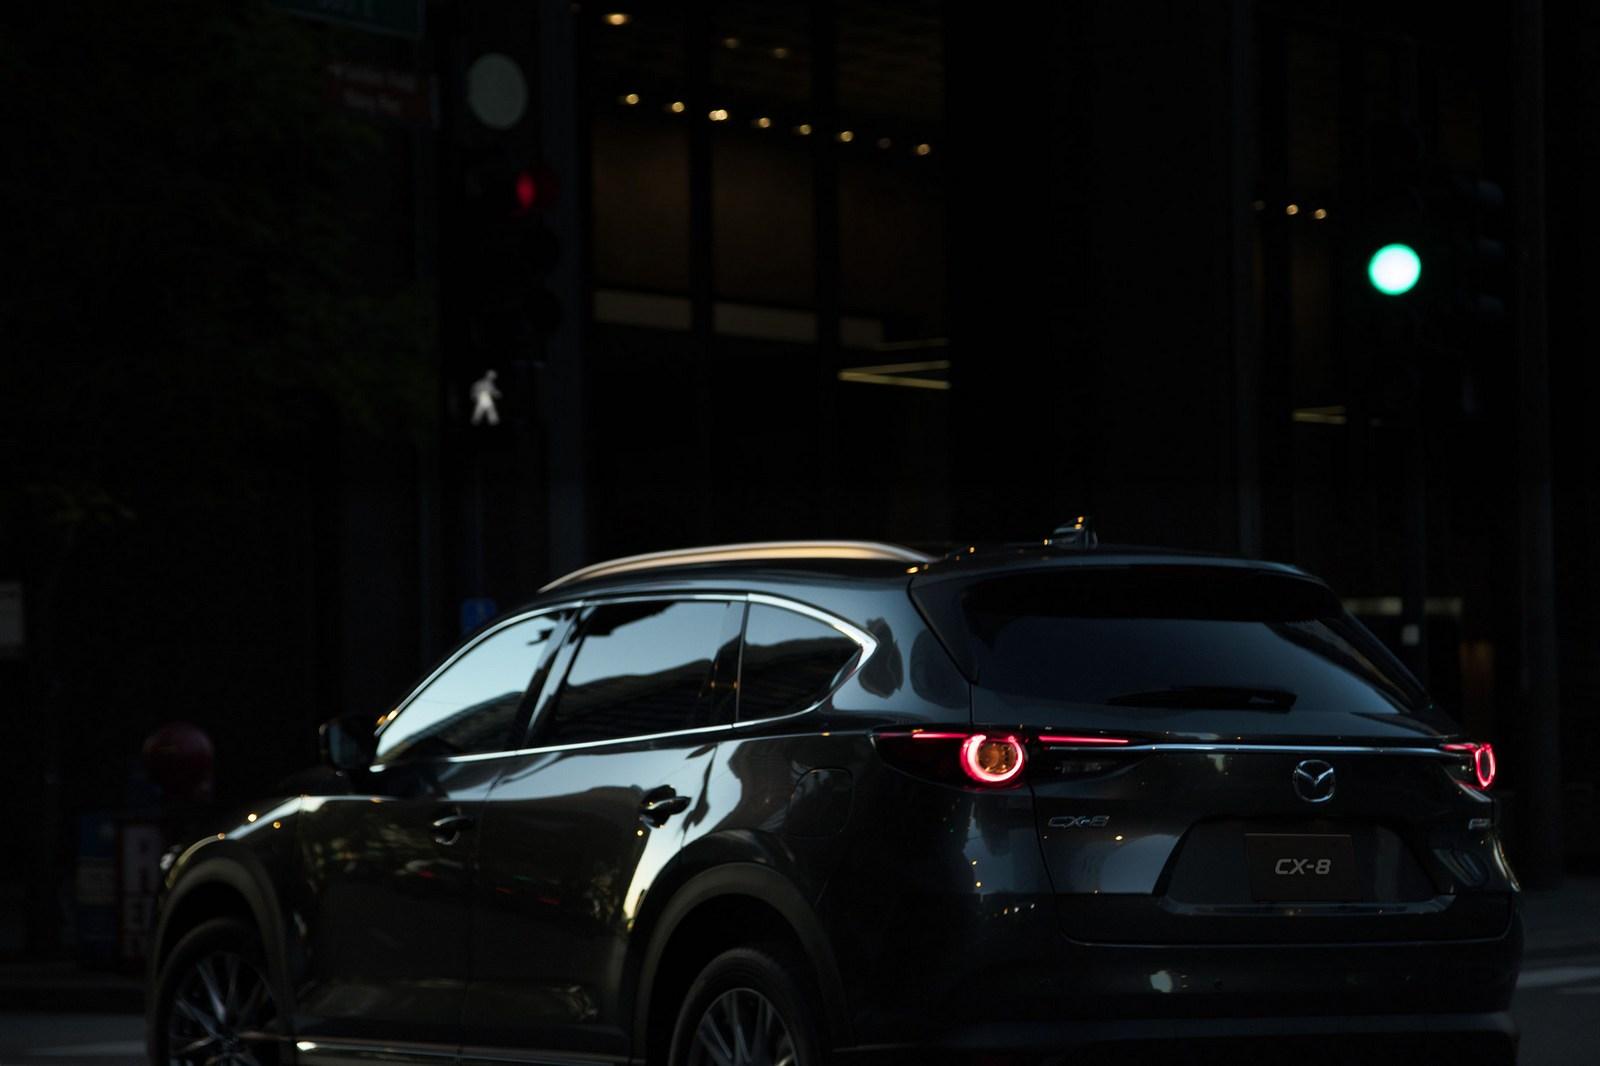 Mazda-CX-8-67